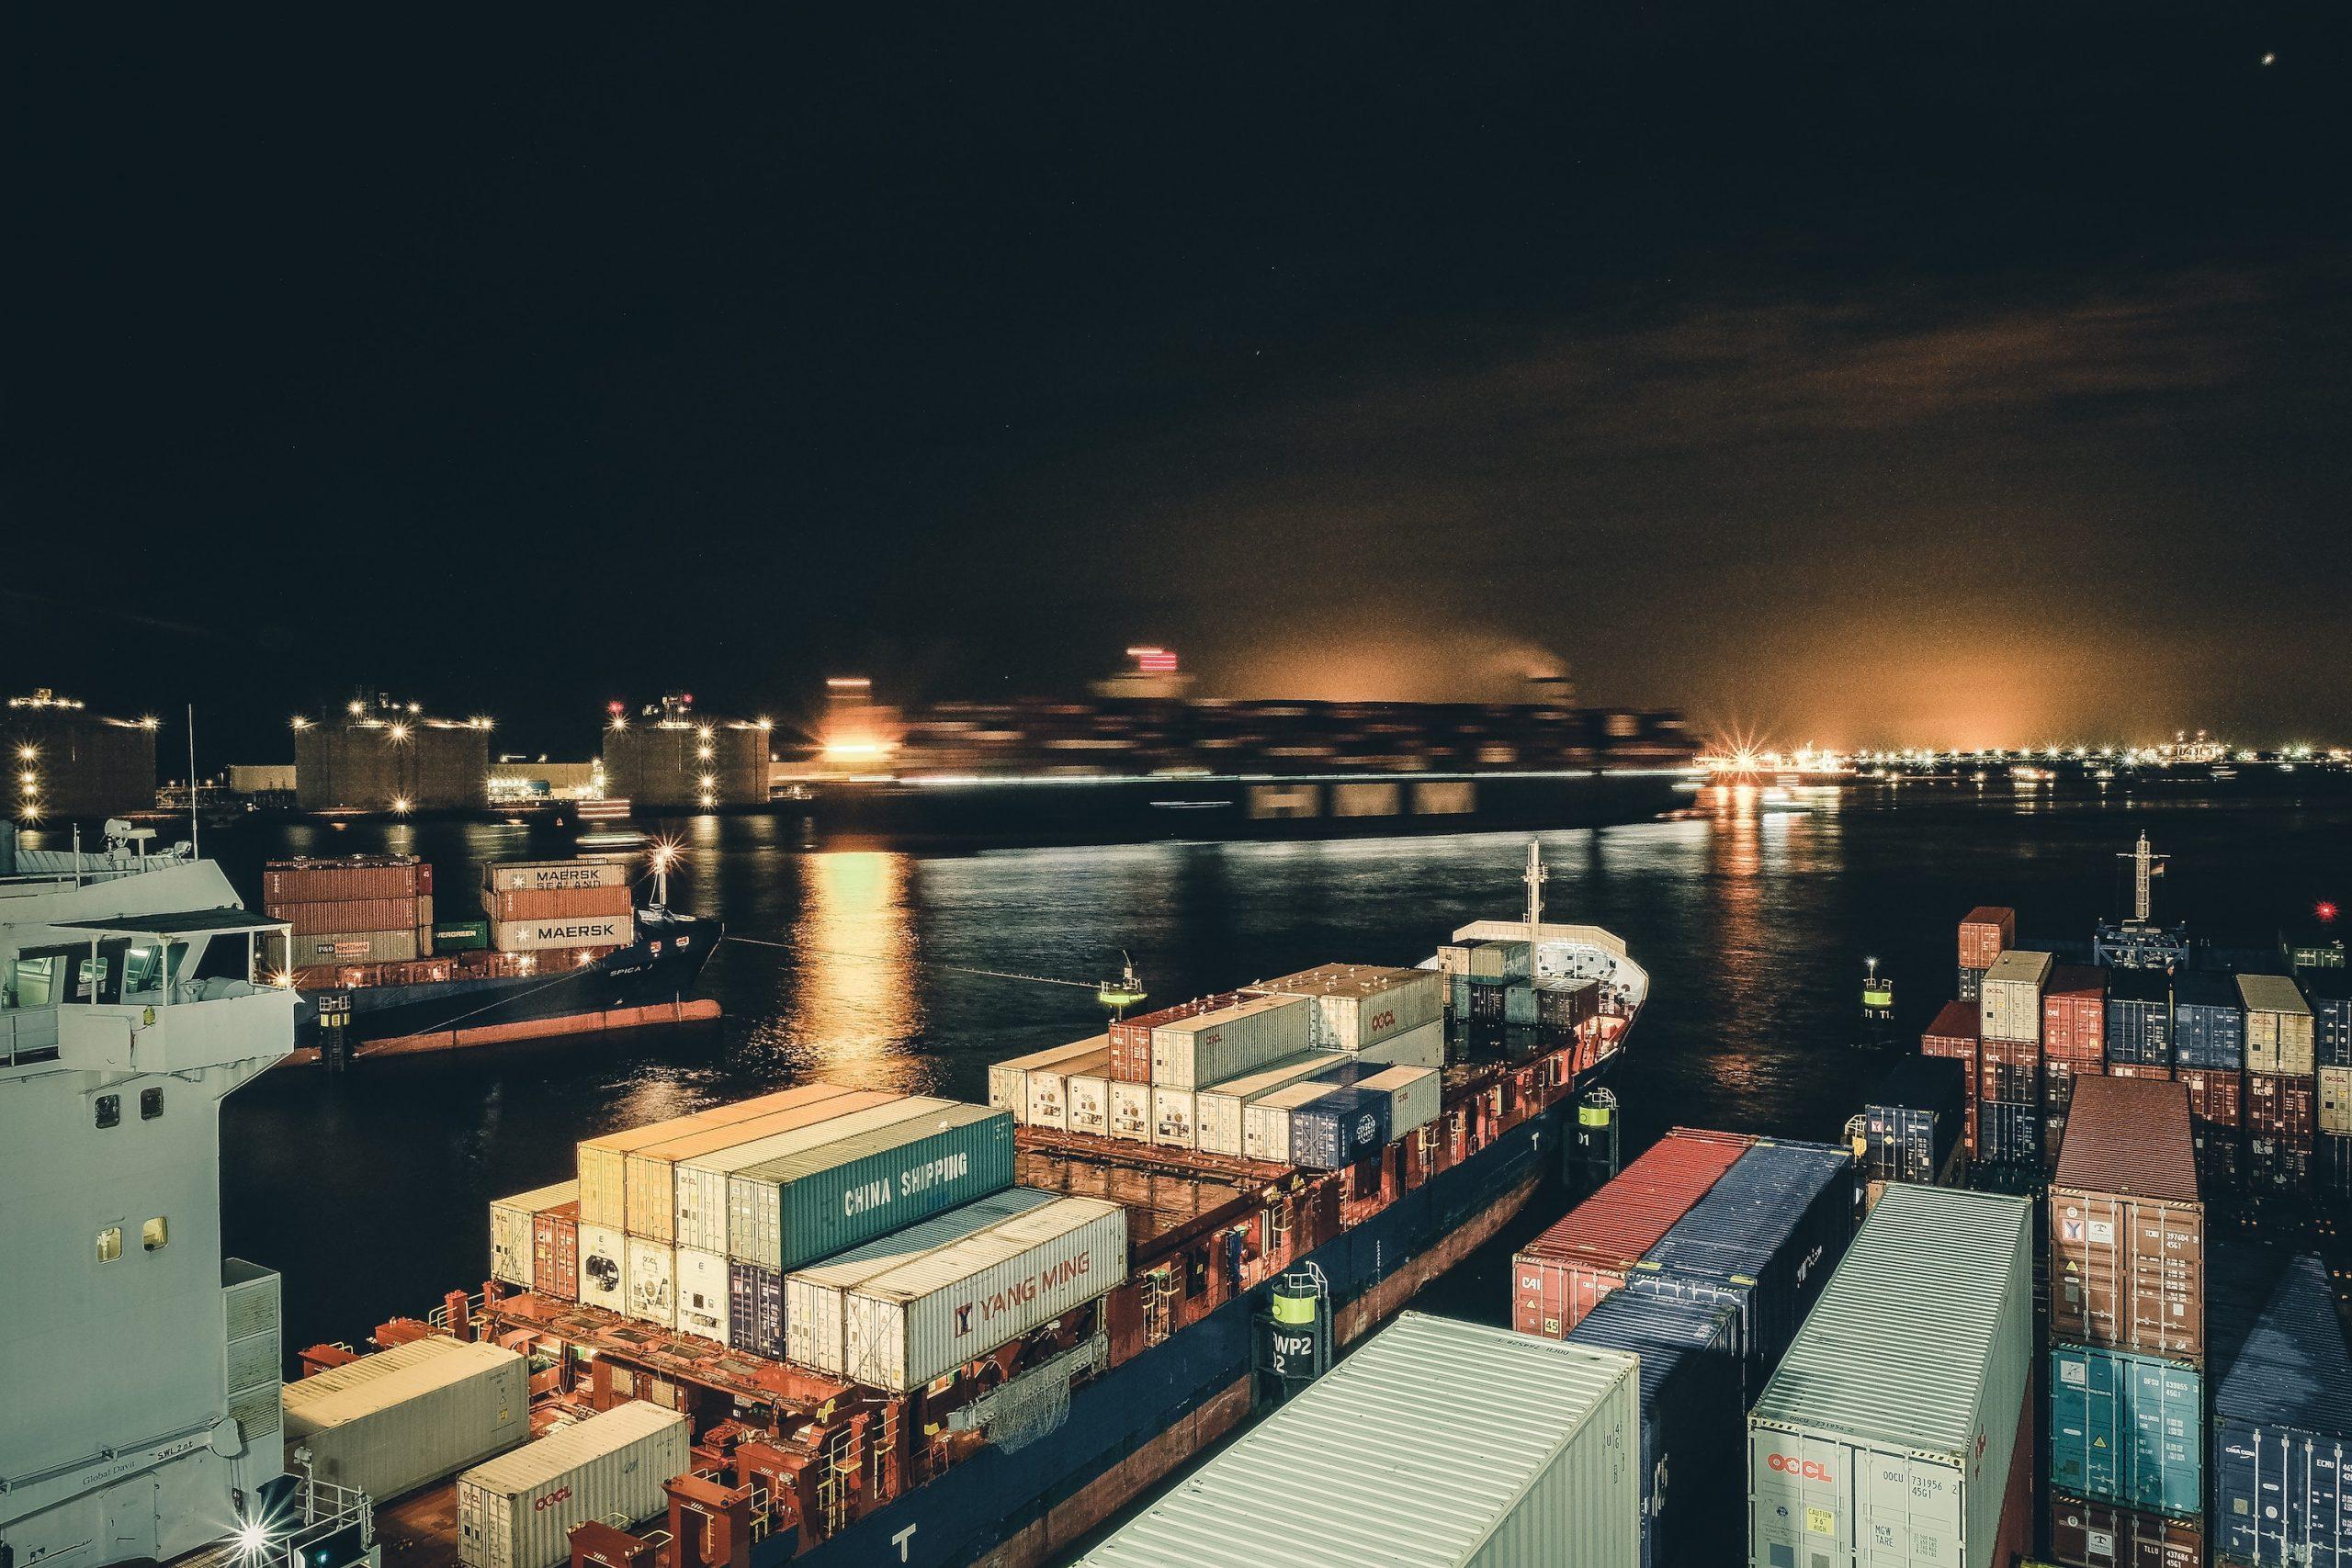 Mercato trade: crescono ancora i prezzi dei grassi. La mancanza di container fa salire l'export Ue delle polveri